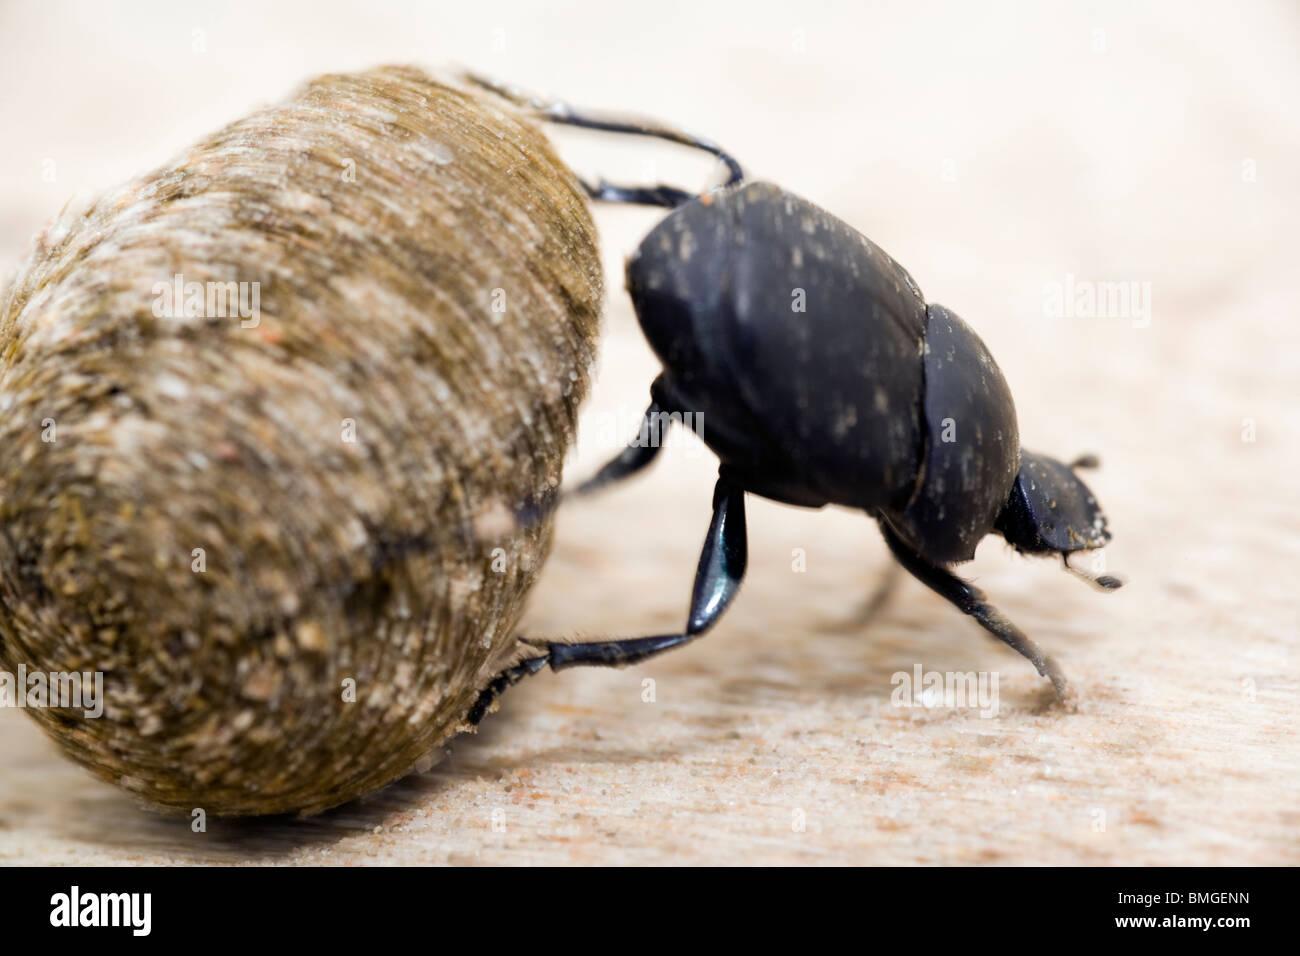 Dung Beetle - Los Novios Ranch - near Cotulla, Texas USA Stock Photo